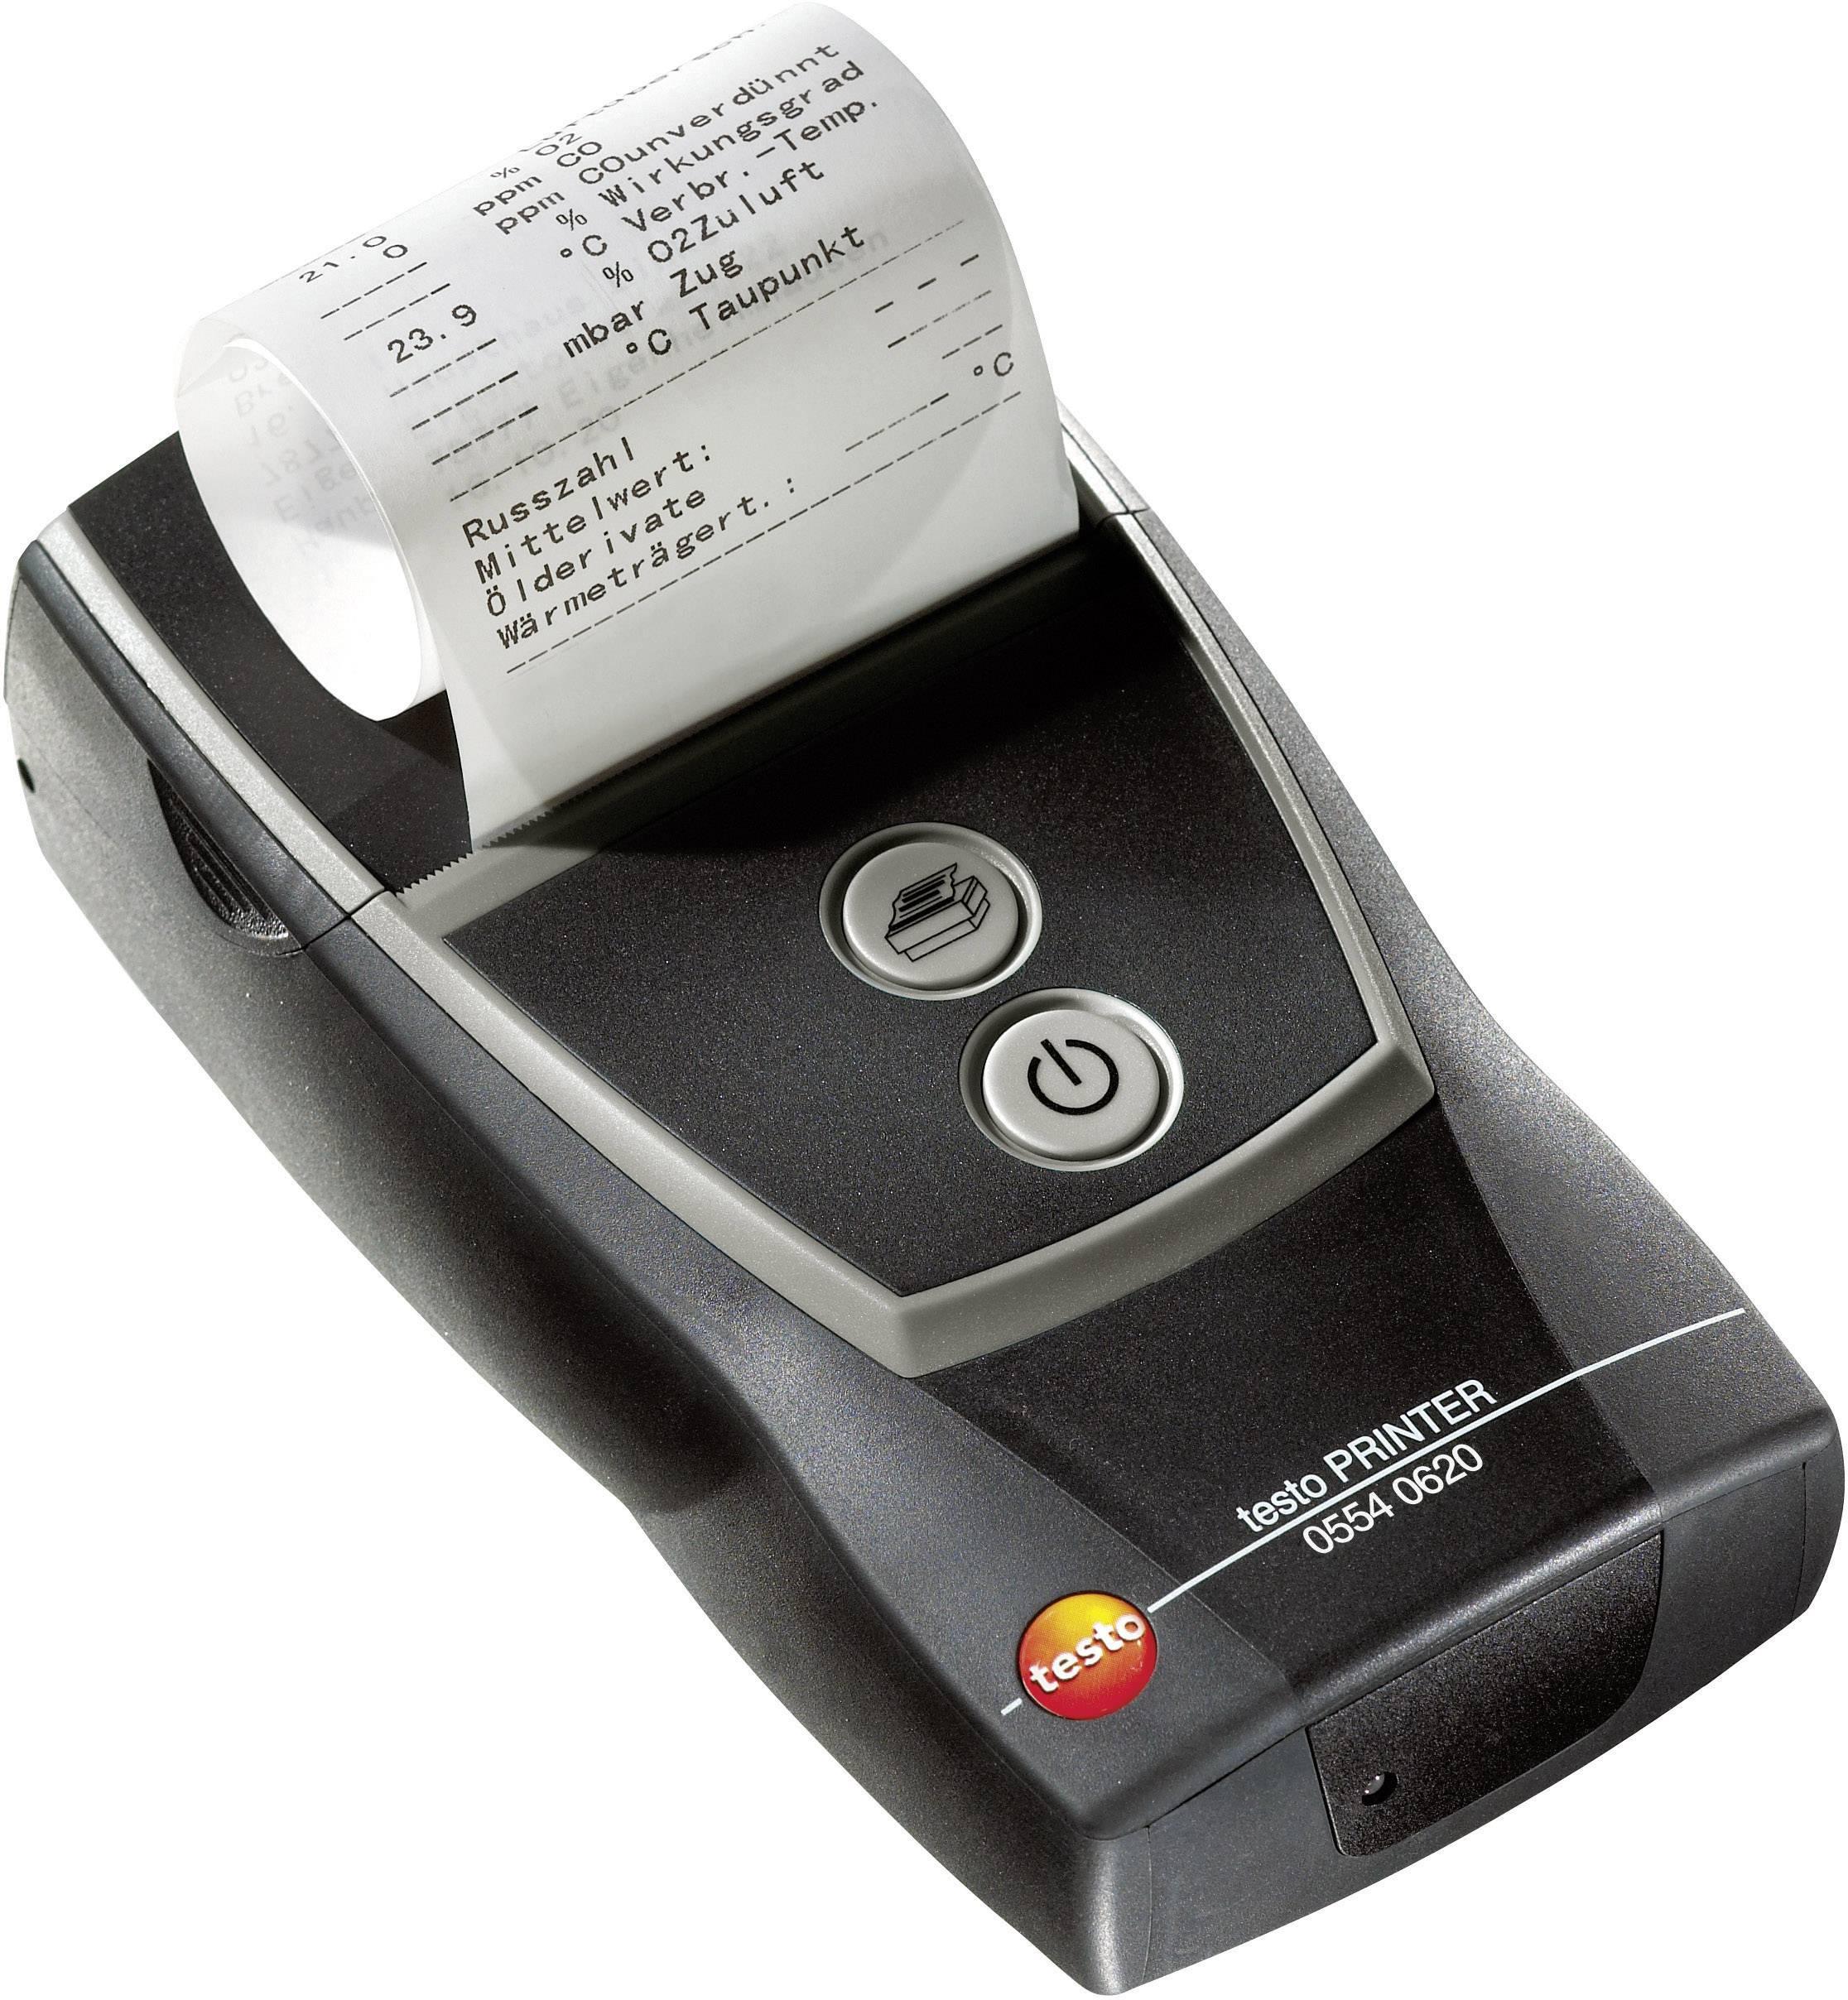 Tiskárna Testo Bluetooth® testo 0554 0620 0554 0620